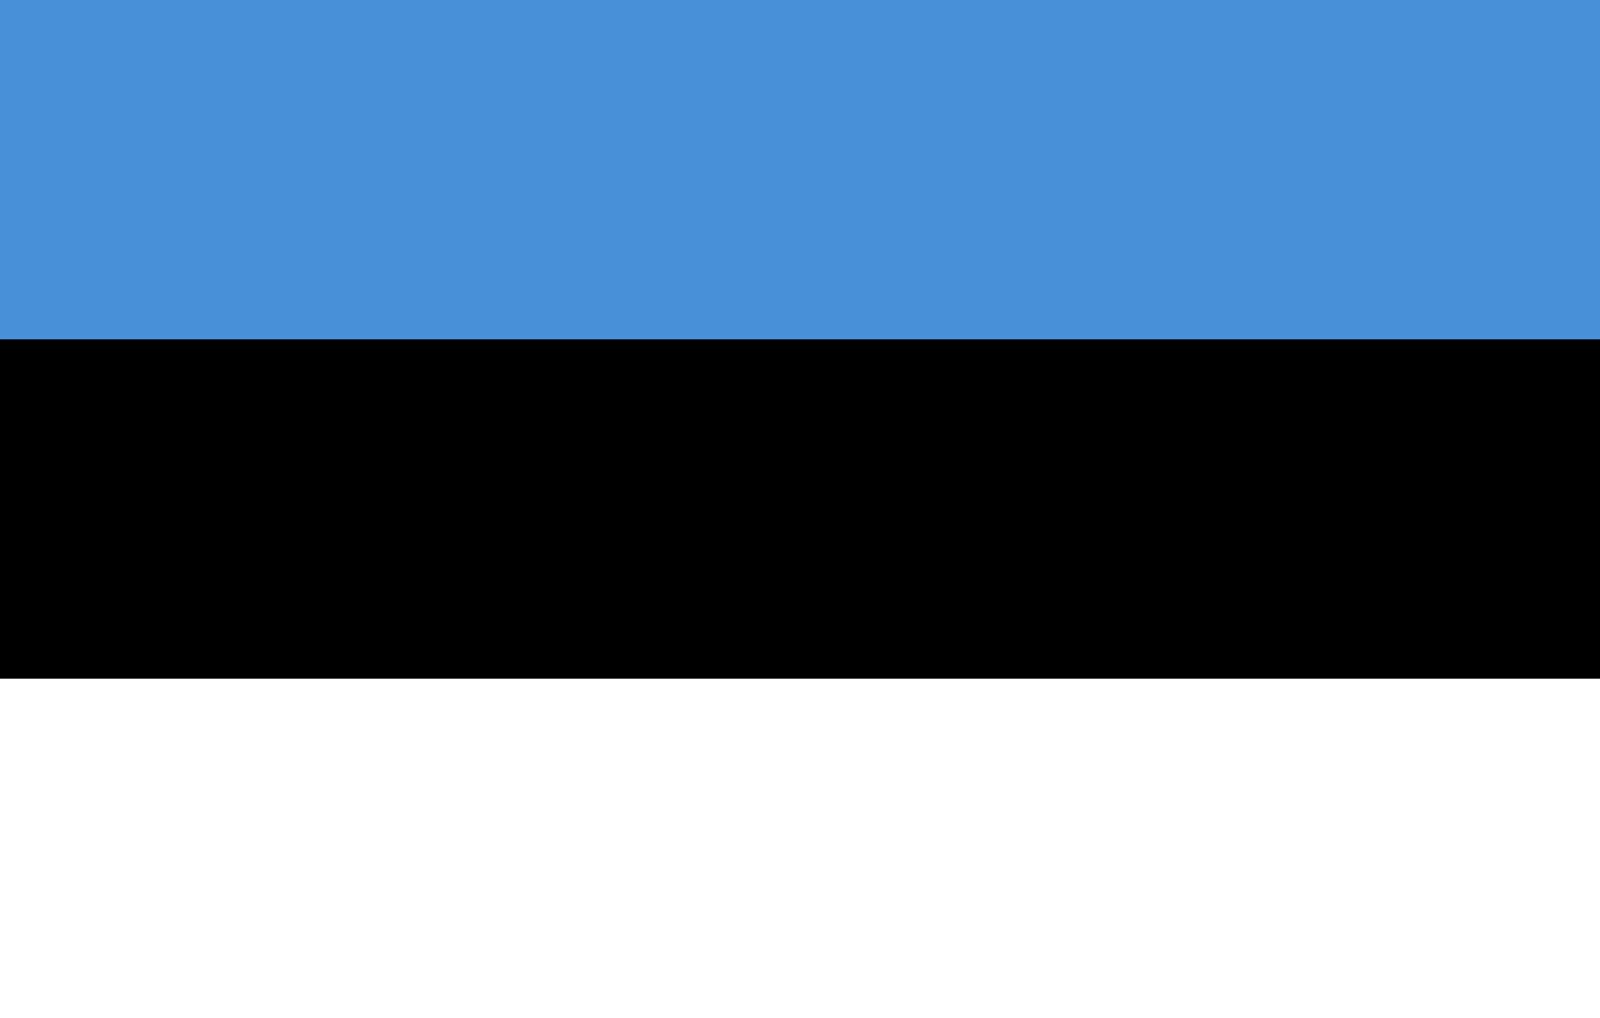 http://carbrandsincurrentproduction.blogspot.com.es/search/label/Estonia